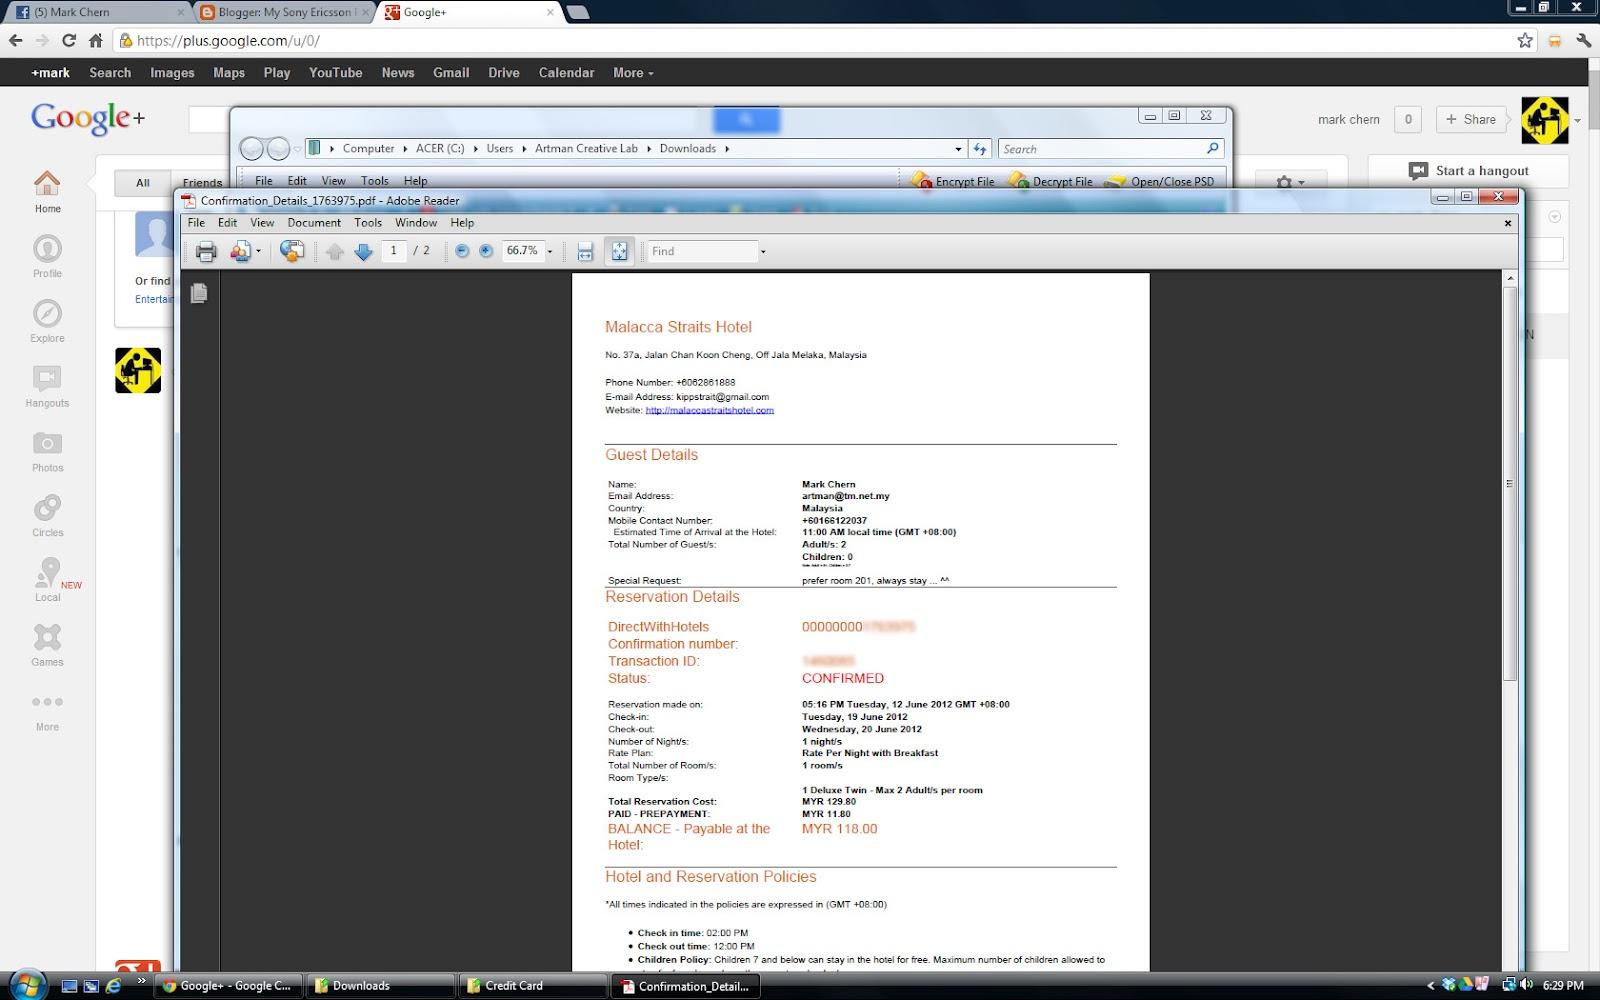 http://4.bp.blogspot.com/-QBDM52Eq9f0/T9ccmmYAqdI/AAAAAAAAWfk/xzyWfMZly-4/s1600/Malacca+Straits+superel+Reservation+-+120612.jpg